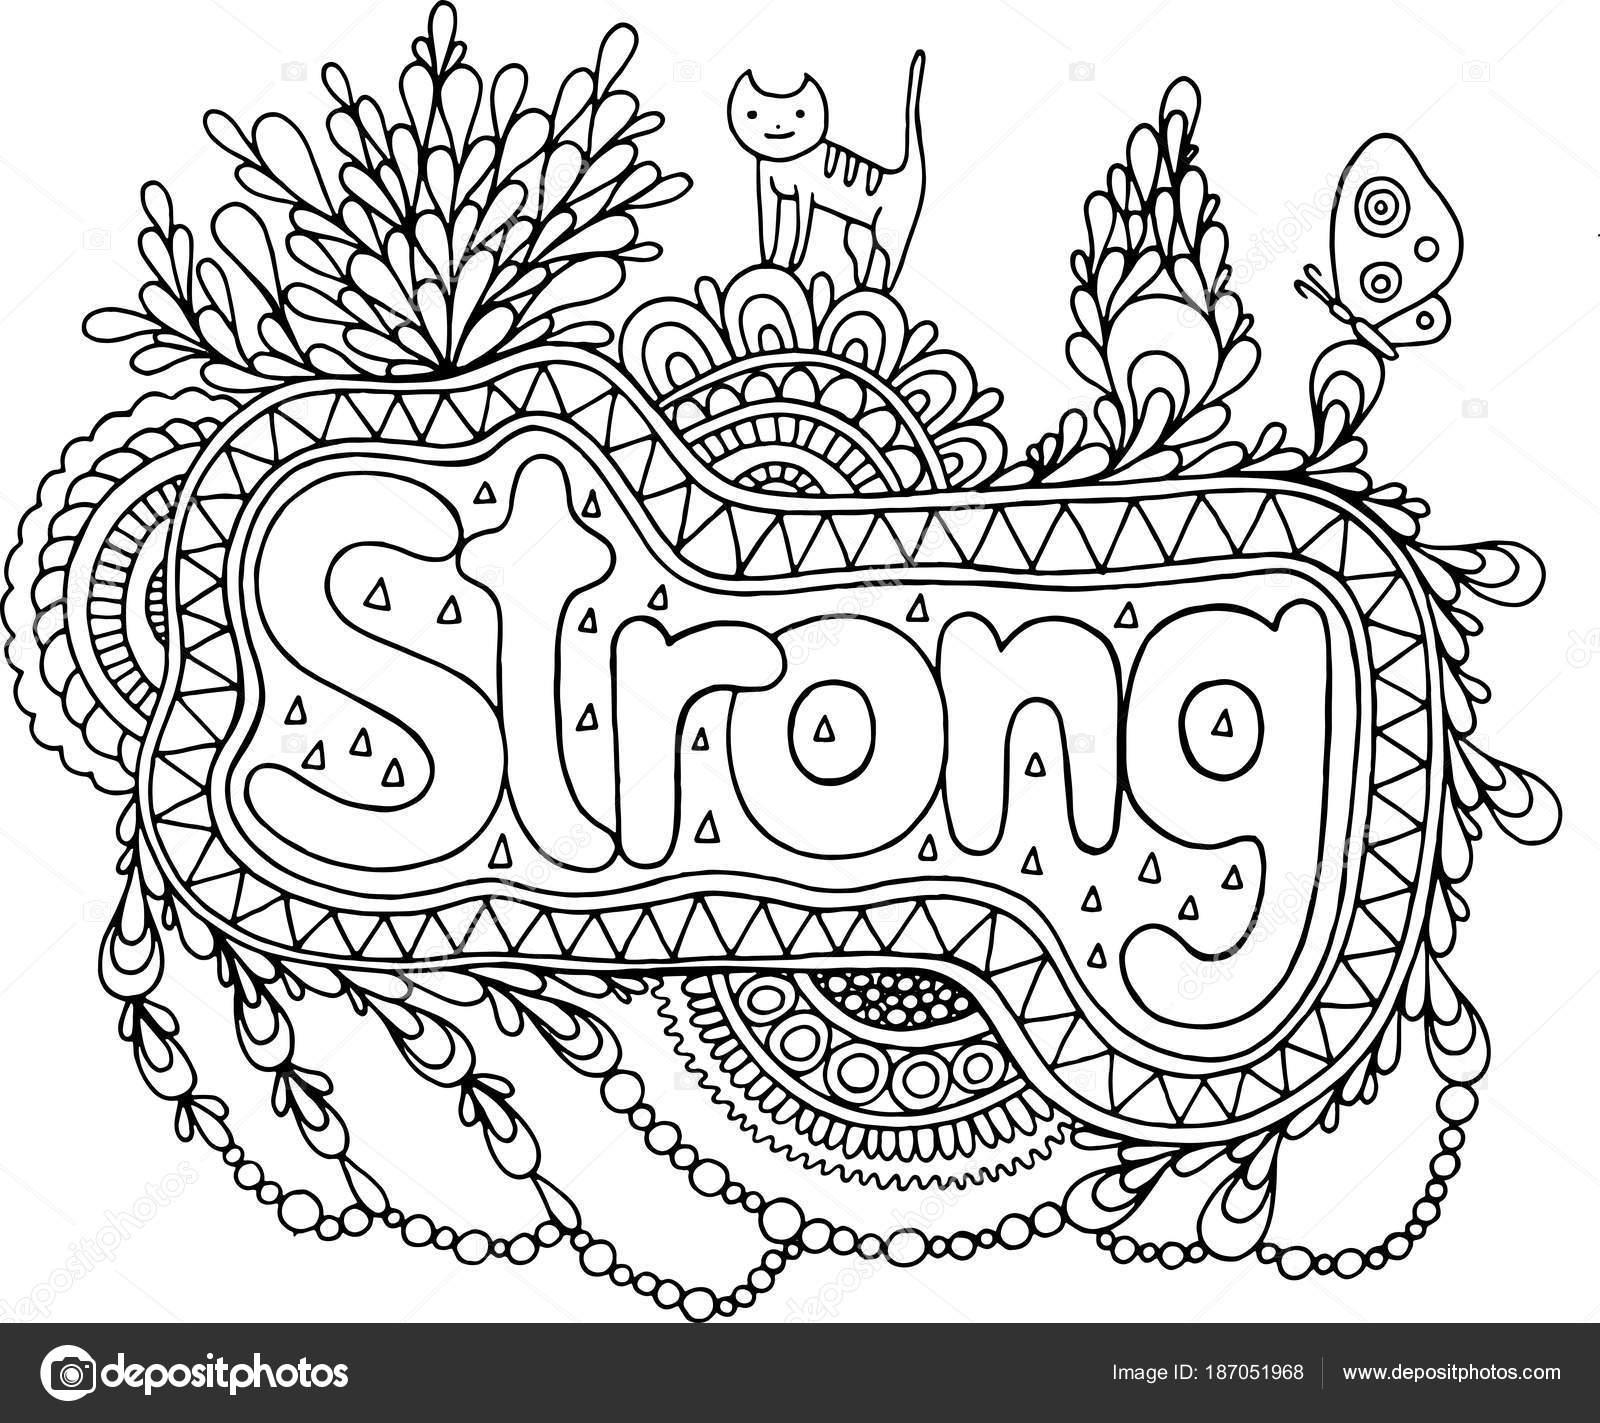 Mandala Ve Güçlü Kelime Ile Yetişkinler Için Boyama Sayfası Le